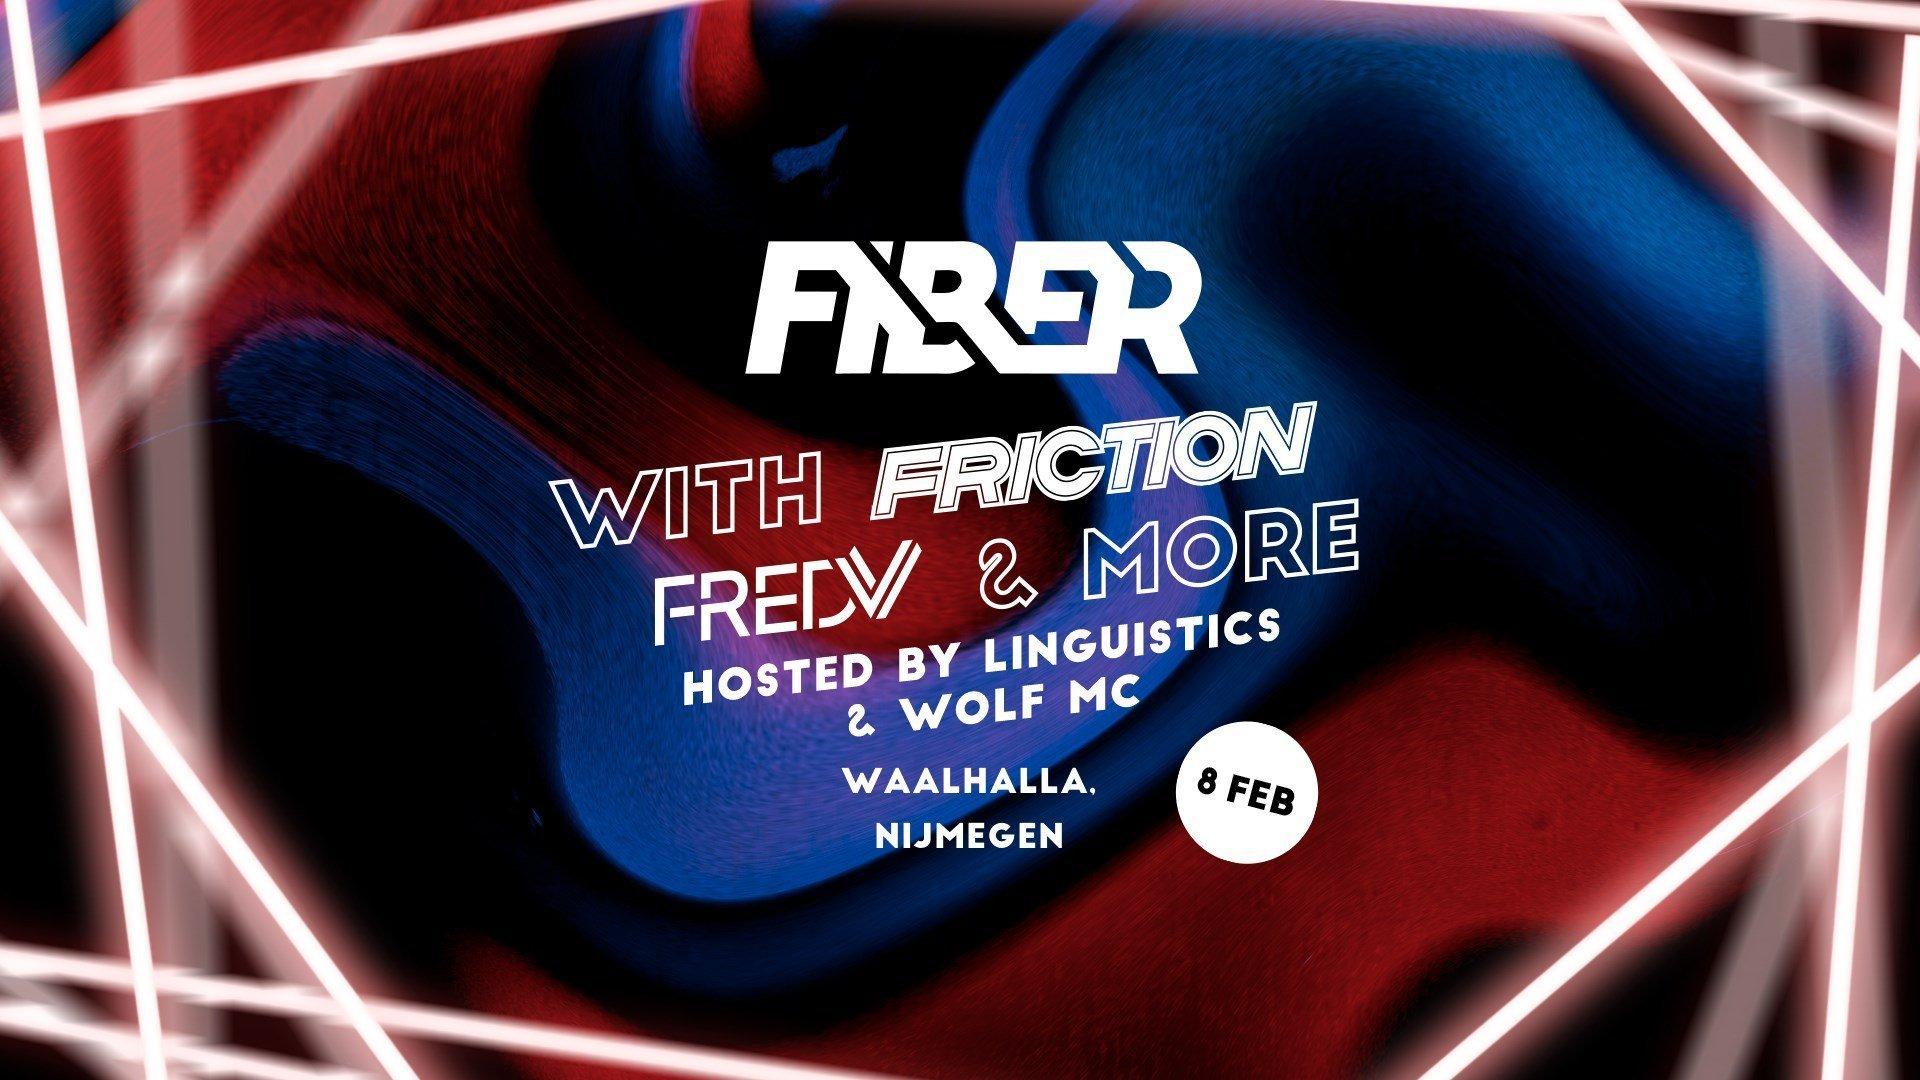 Fiber l Friction, Fred V & more